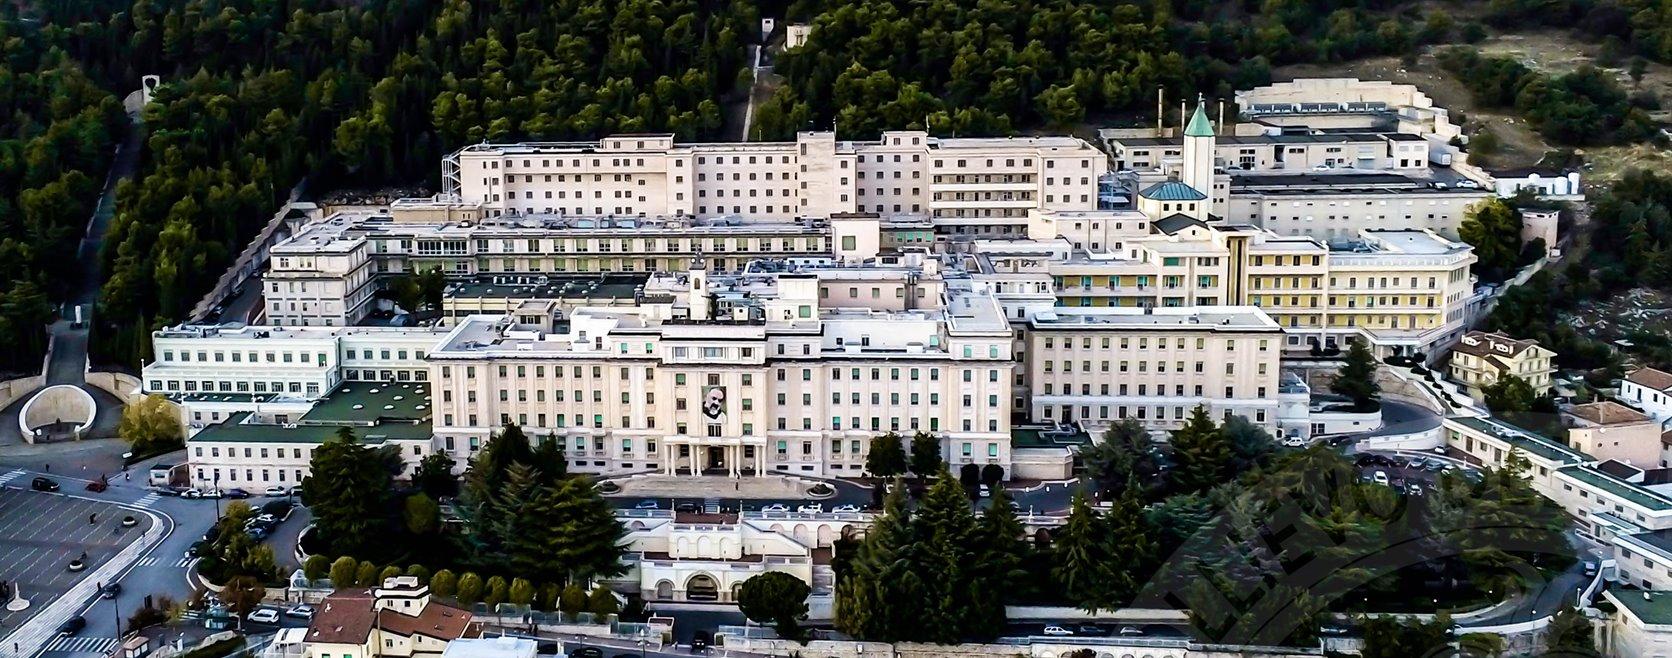 Gli ospedali ecclesiastici MIULLI e CASA SOLLIEVO nella rete Emergenza Covid in Puglia con duecento posti letto